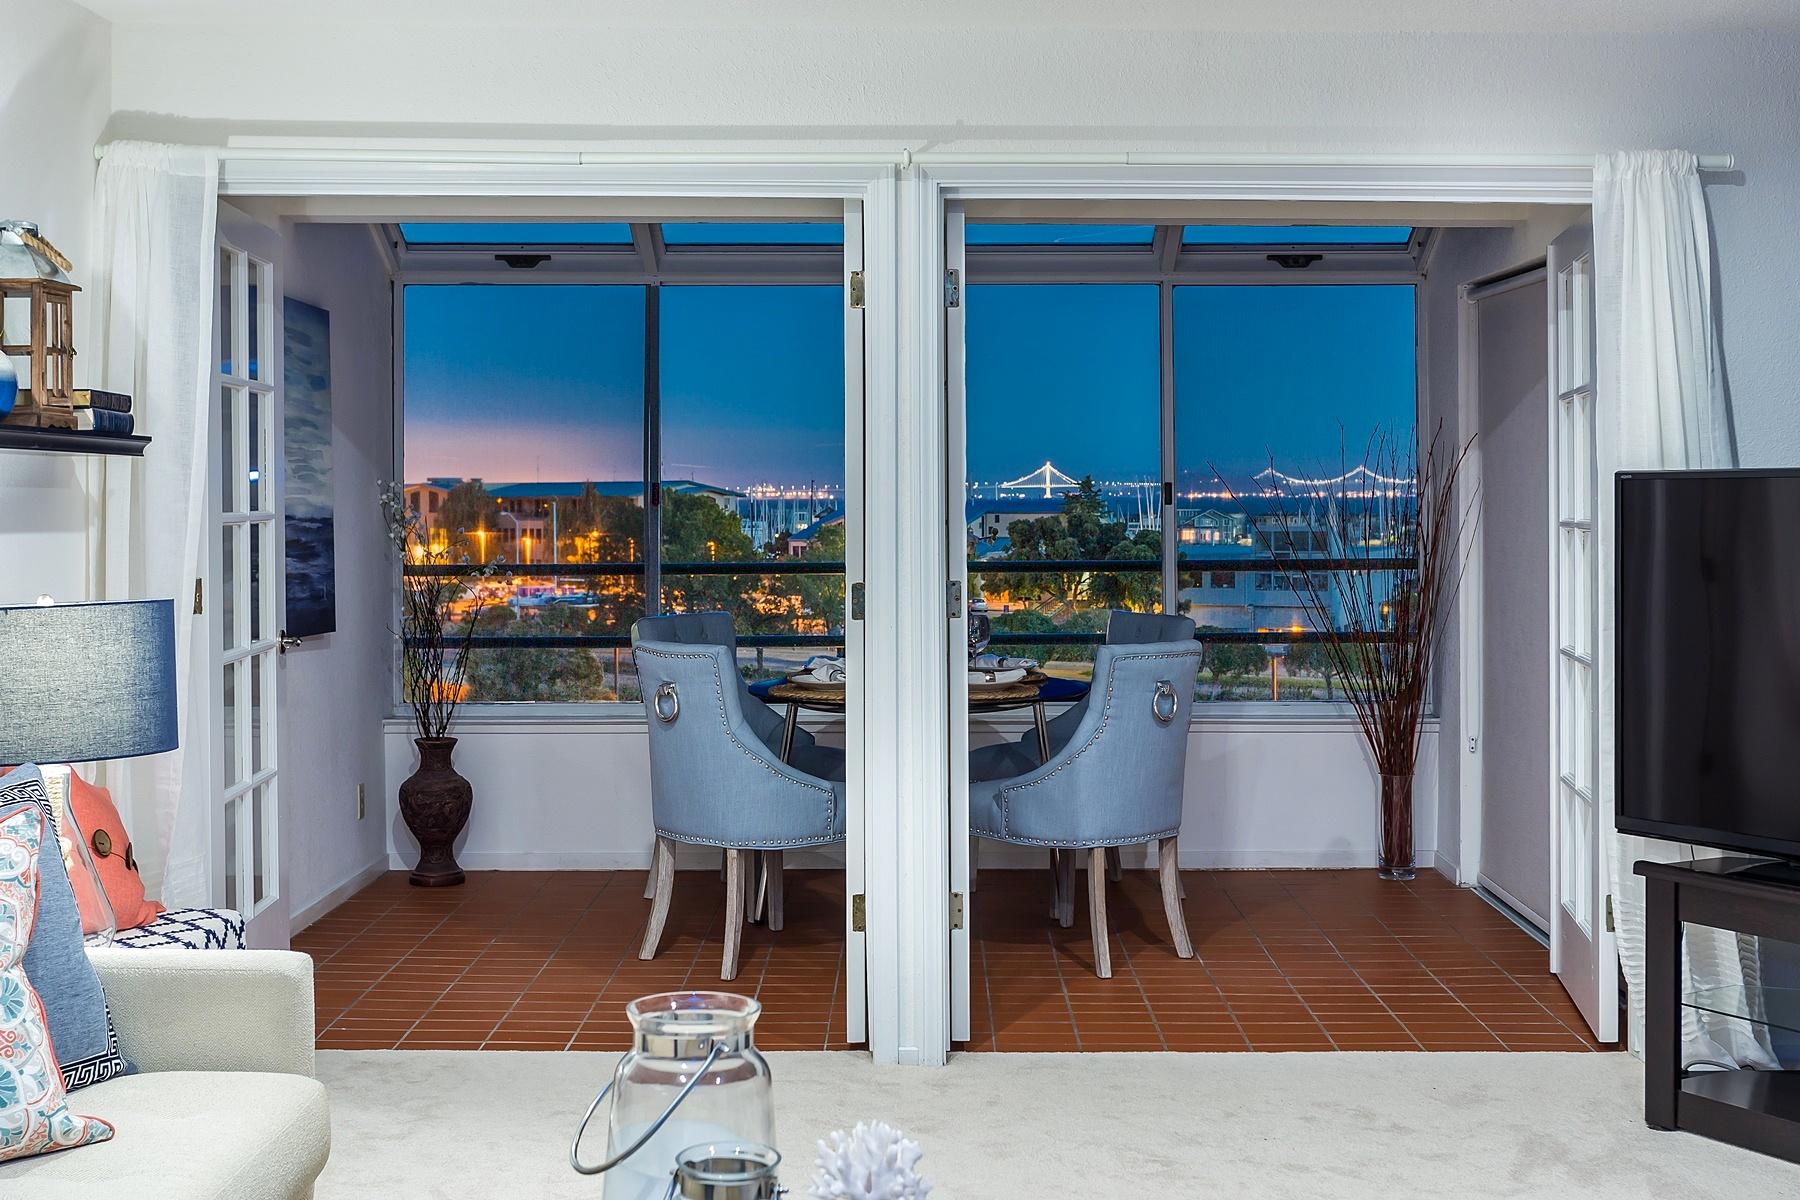 Кондоминиум для того Продажа на Enjoy Breathtaking Views Of The San Francisco Bay 1200 Brickyard Way Richmond, Калифорния 94682 Соединенные Штаты